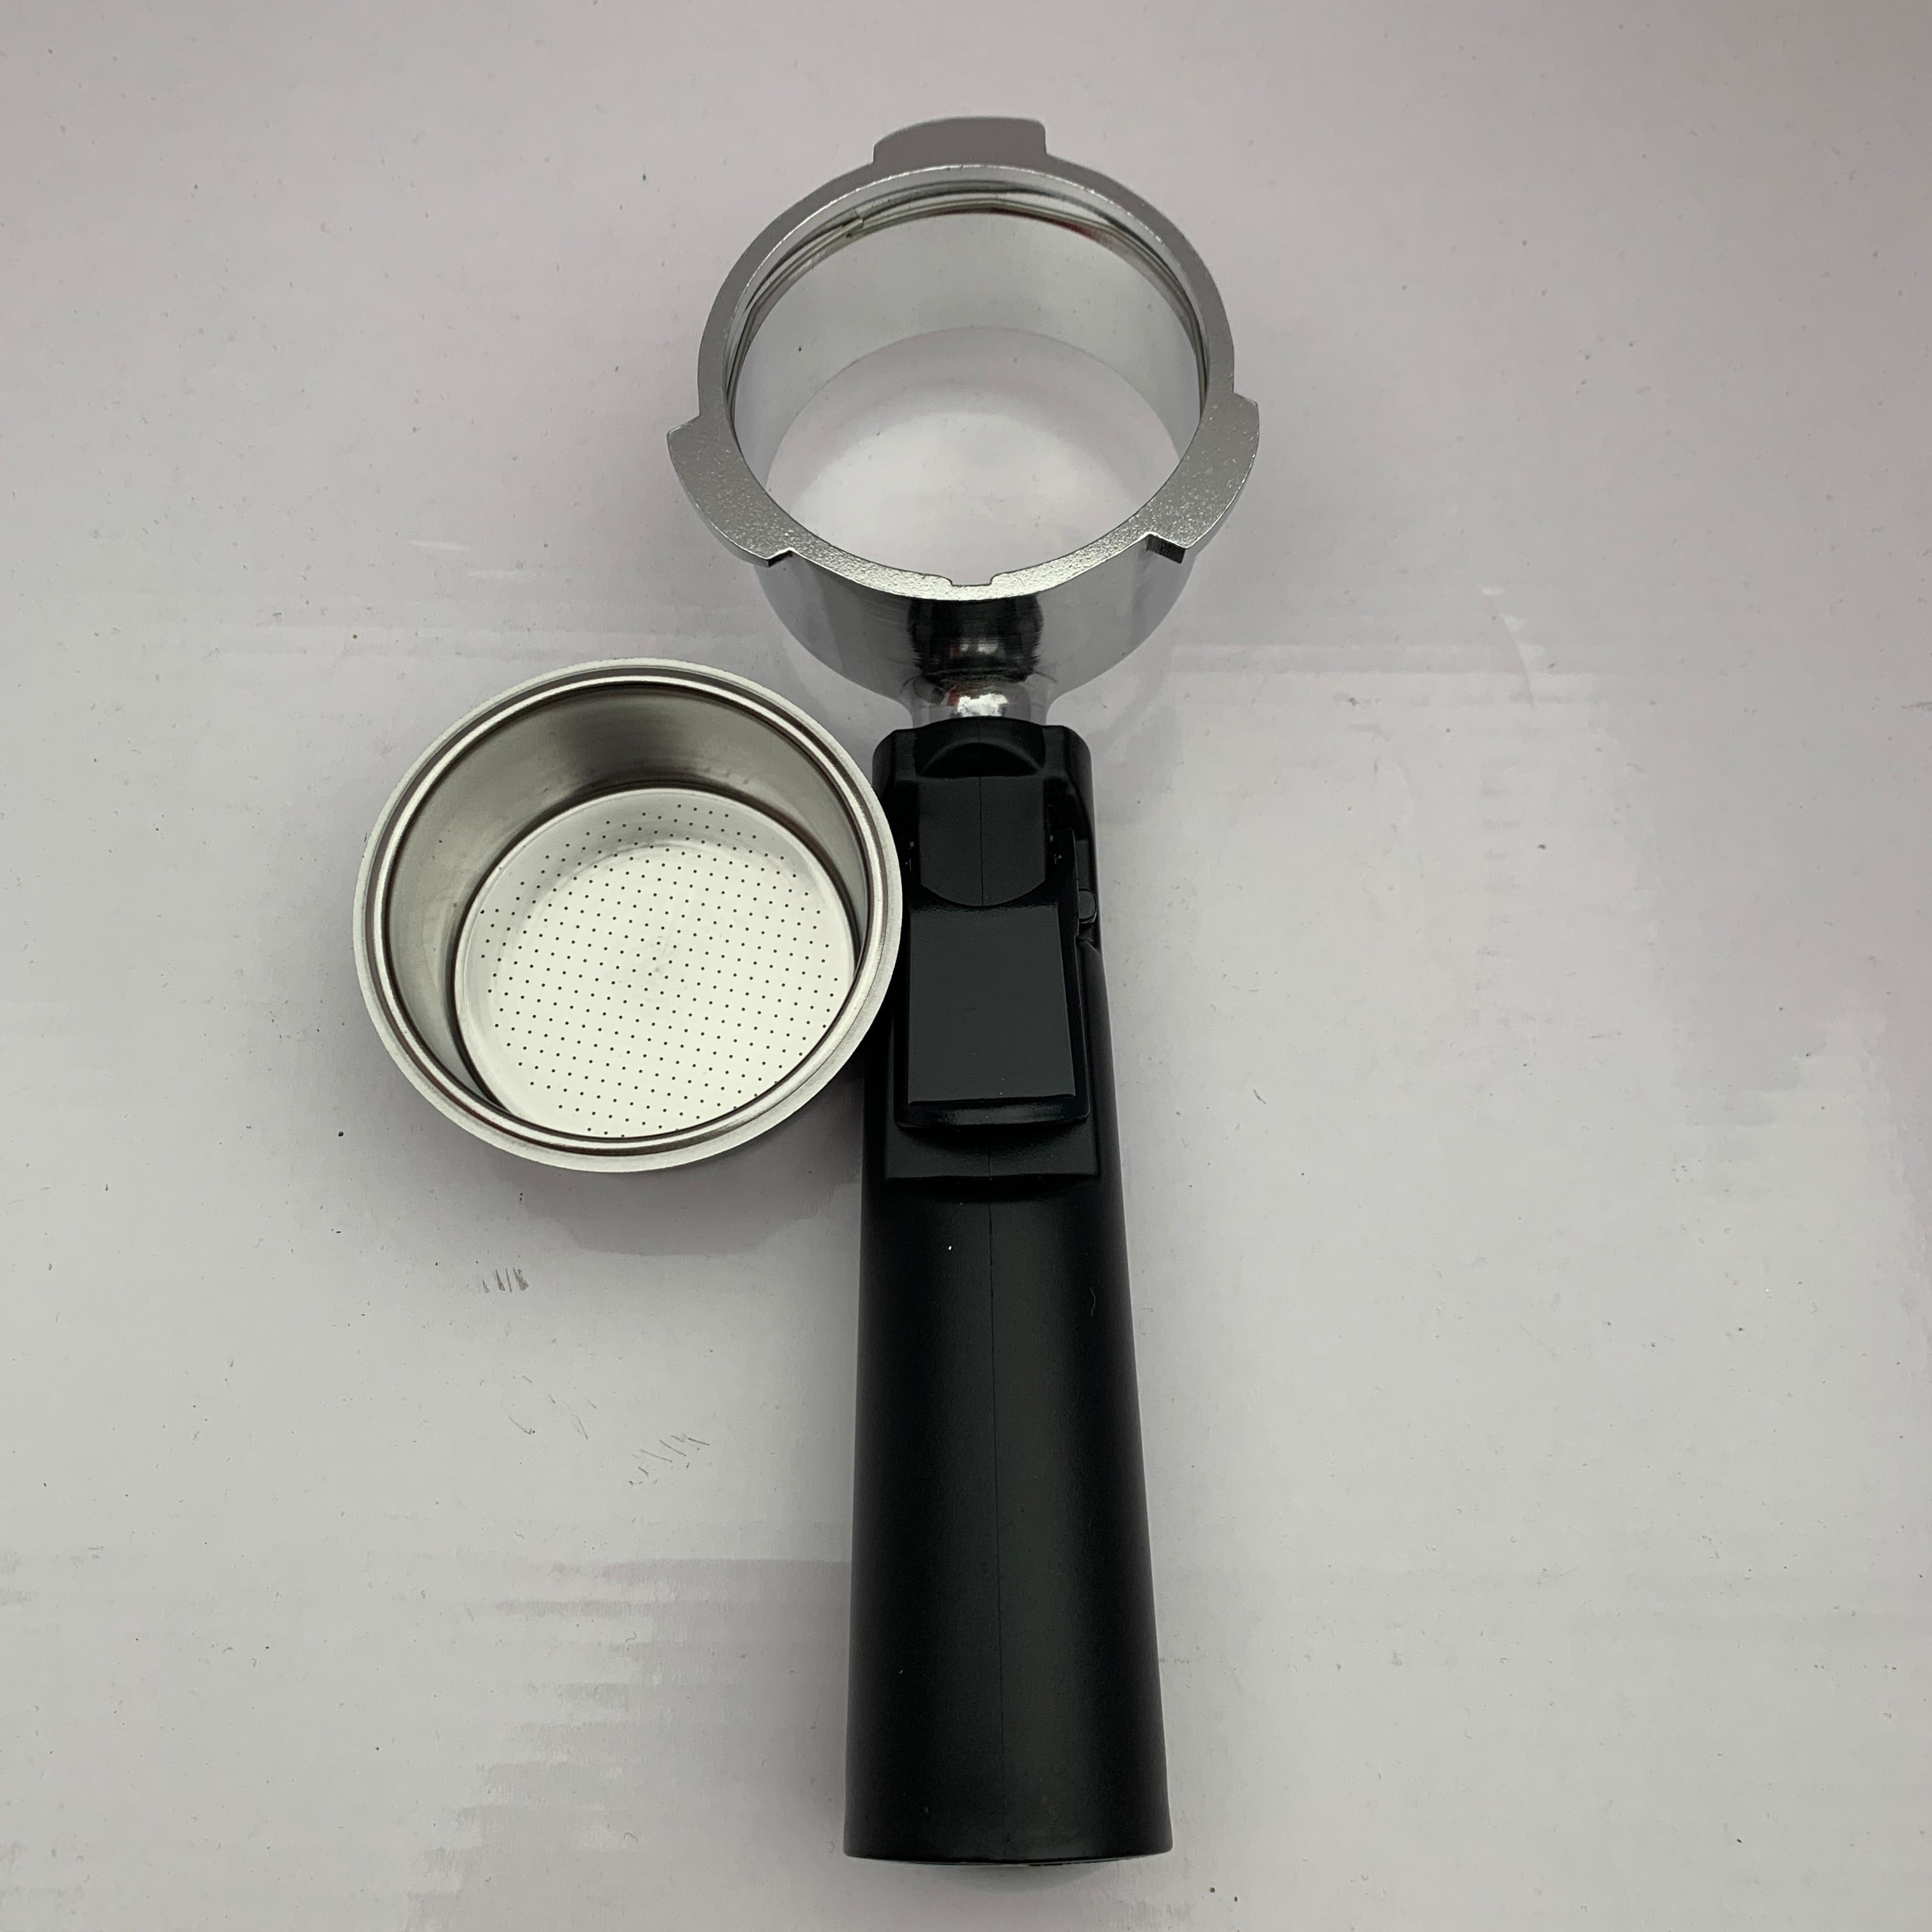 Многоразовый фильтр для кофеварки Homix, 51 мм, 60-20 бар